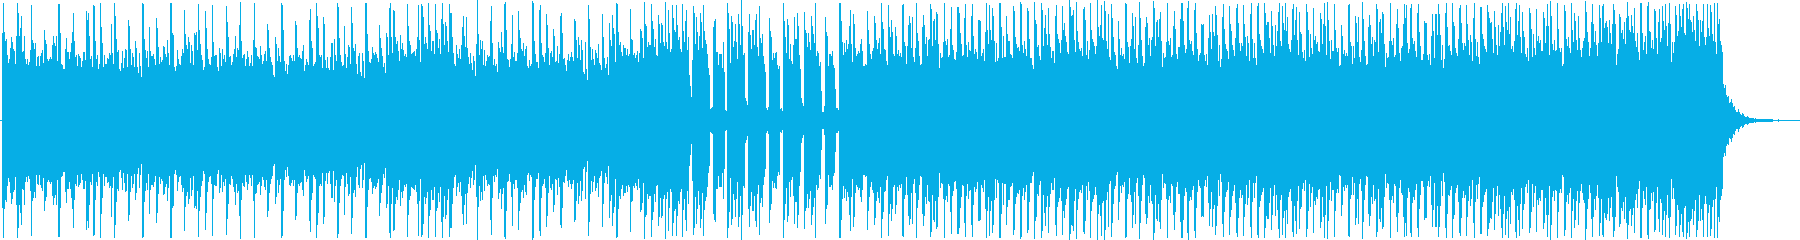 激しいリズムのヘビーメタルの再生済みの波形